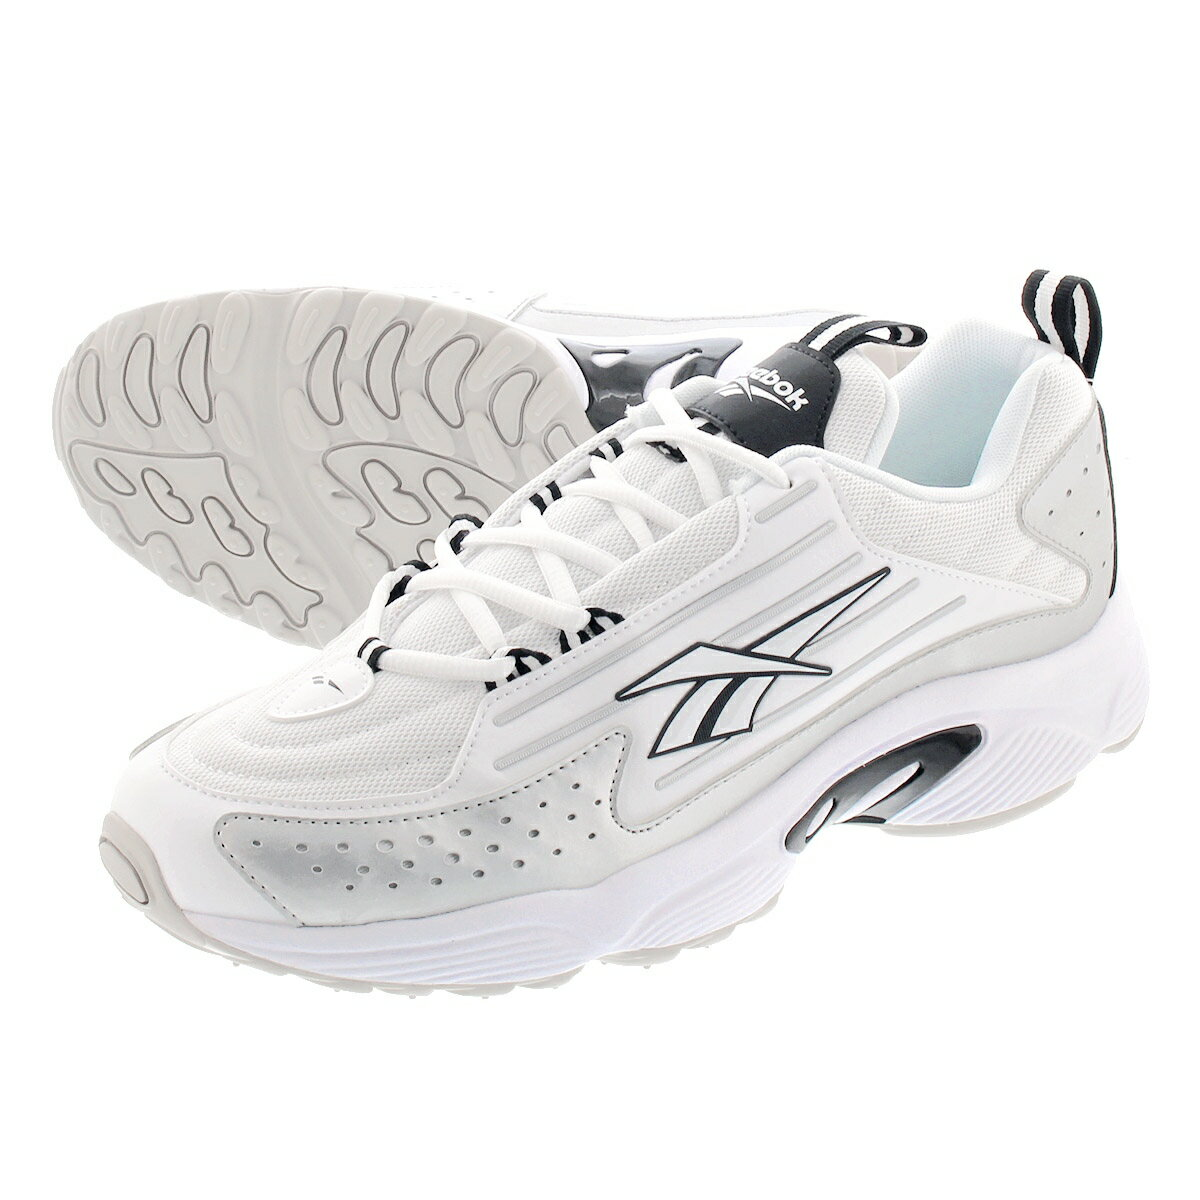 メンズ靴, スニーカー Reebok DMX SERIES 2K WHITEBLACKSKULL GREY dv9717